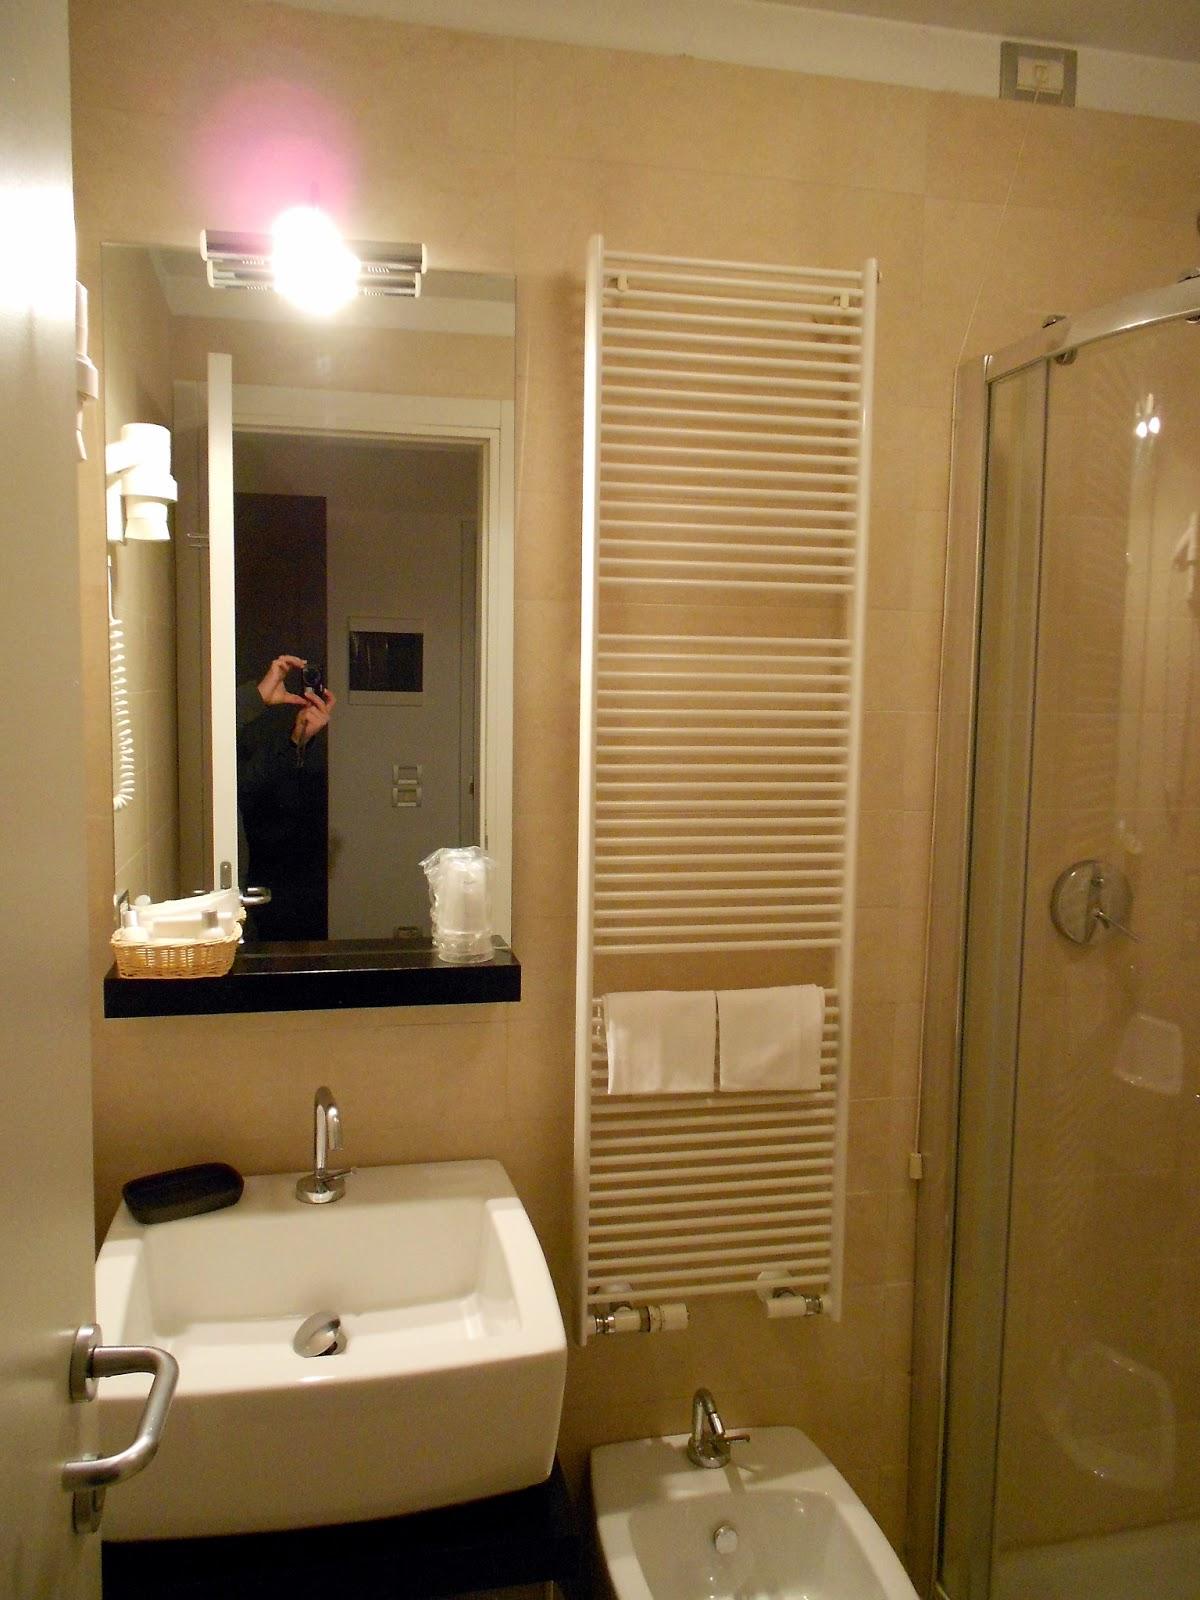 Baño Moderno Pequeno:El baño es también moderno, aunque quizás un poco pequeño, pero